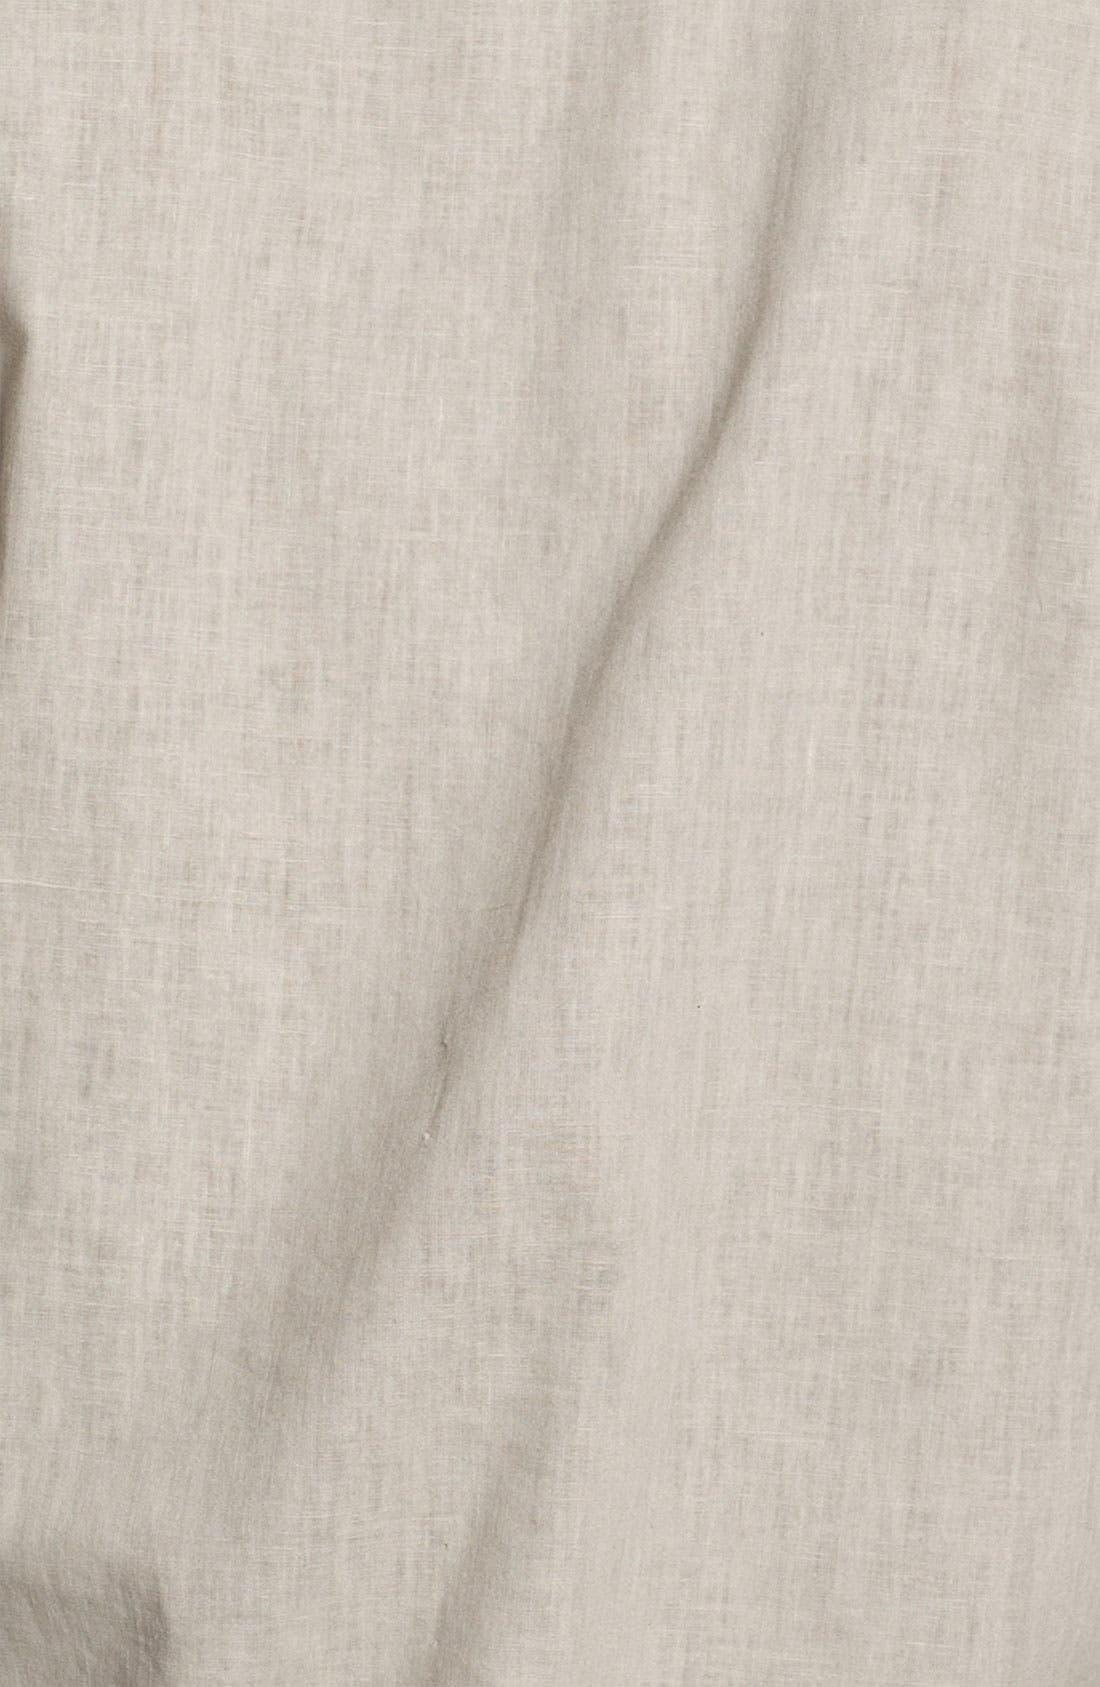 Alternate Image 3  - Victorinox Swiss Army® 'Villamont' Linen Blend Sport Shirt (Online Only)